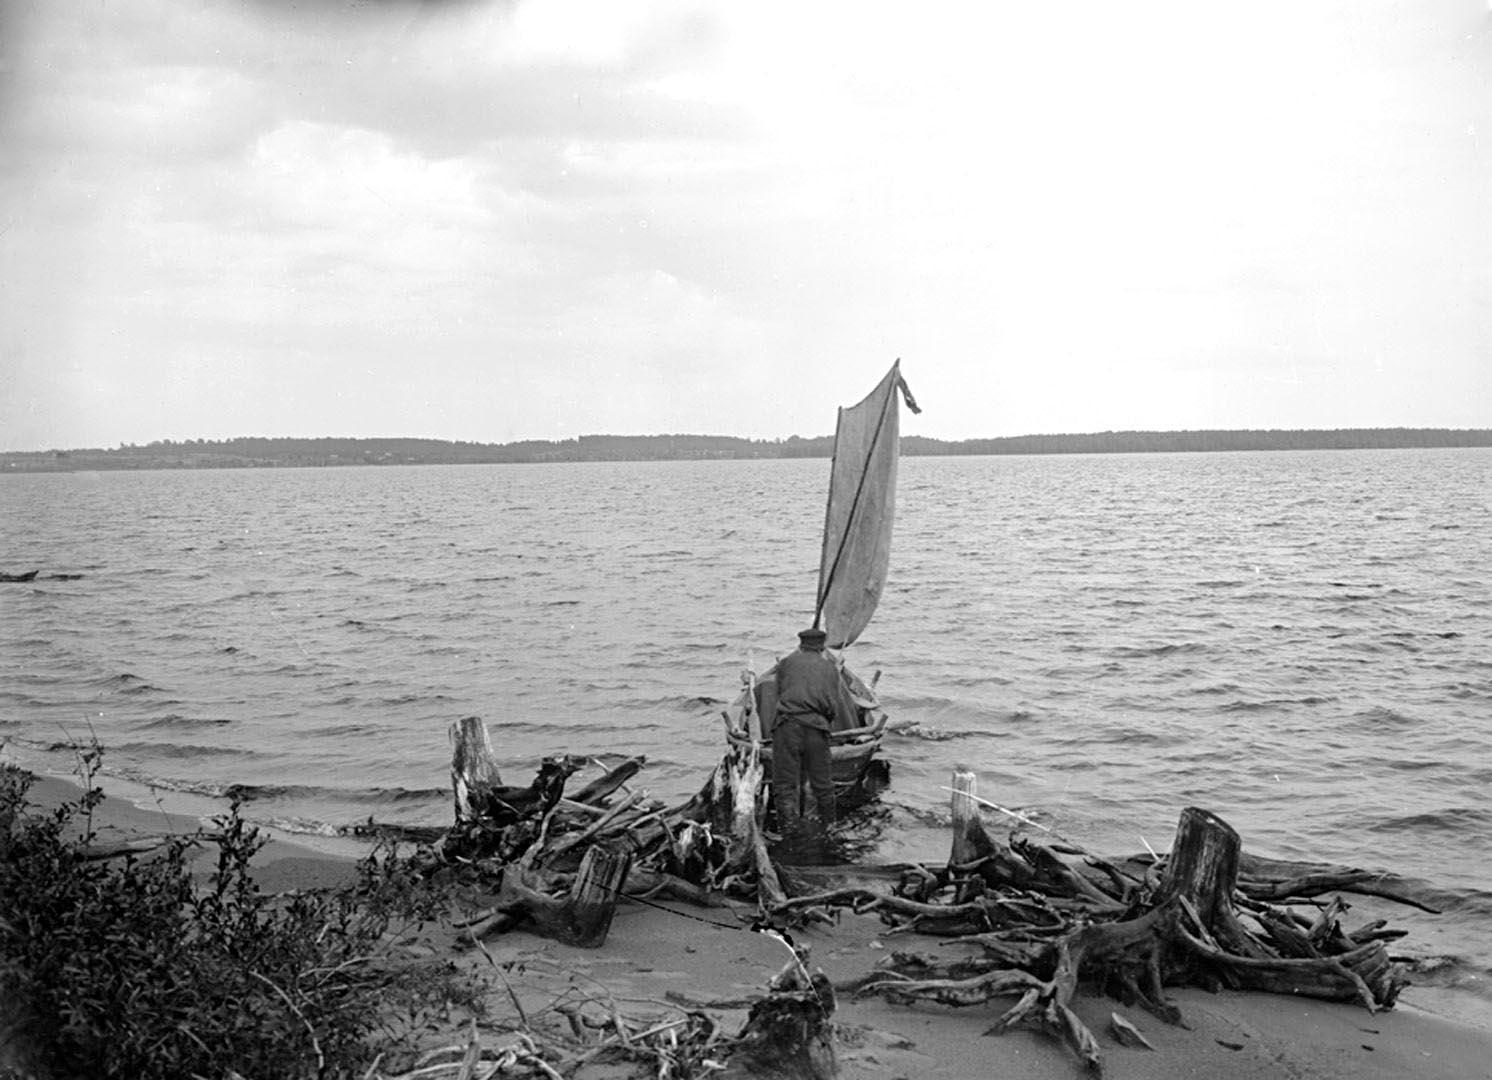 25Вид реки Волги и озера Волго. 1903 г. озеро Волго, Тверская губерния